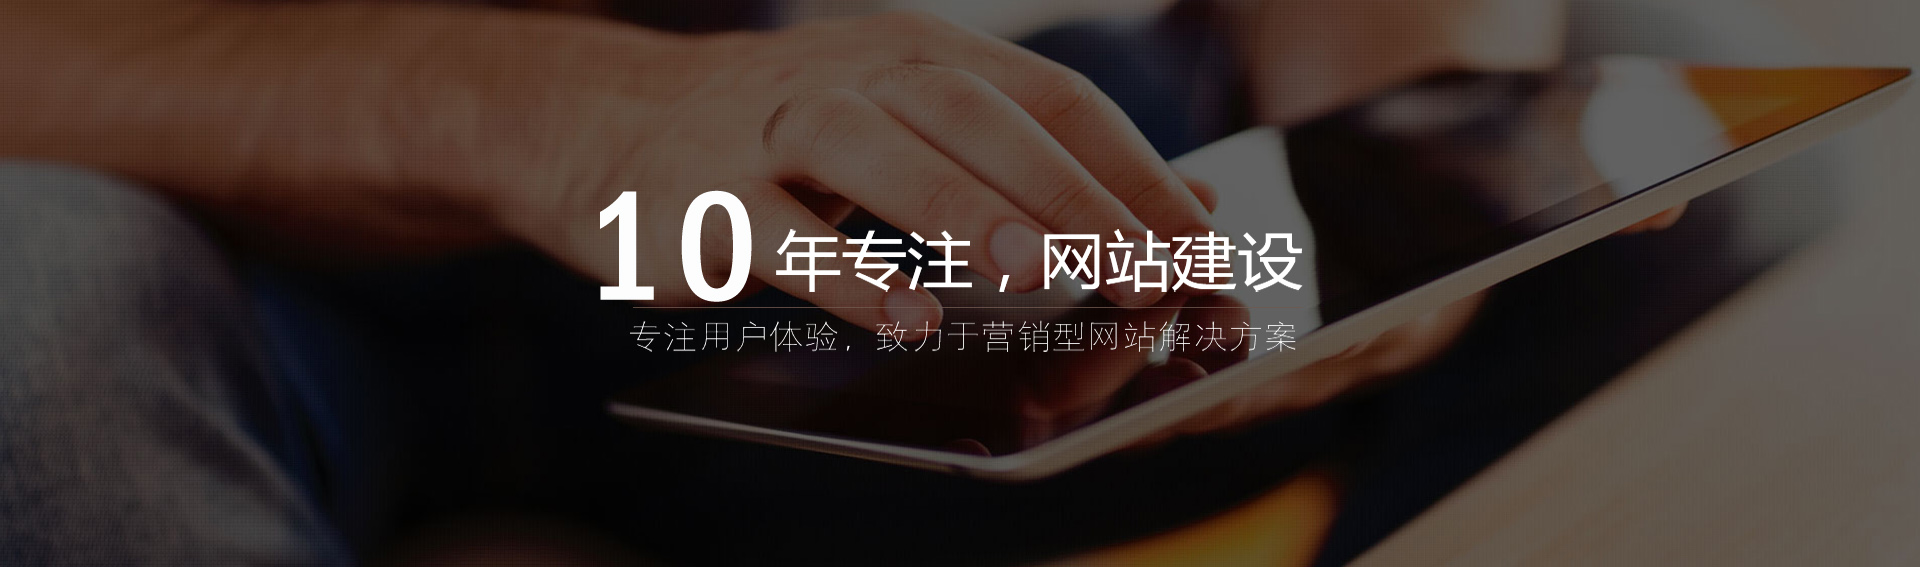 七星彩历史开奖50期网络公司